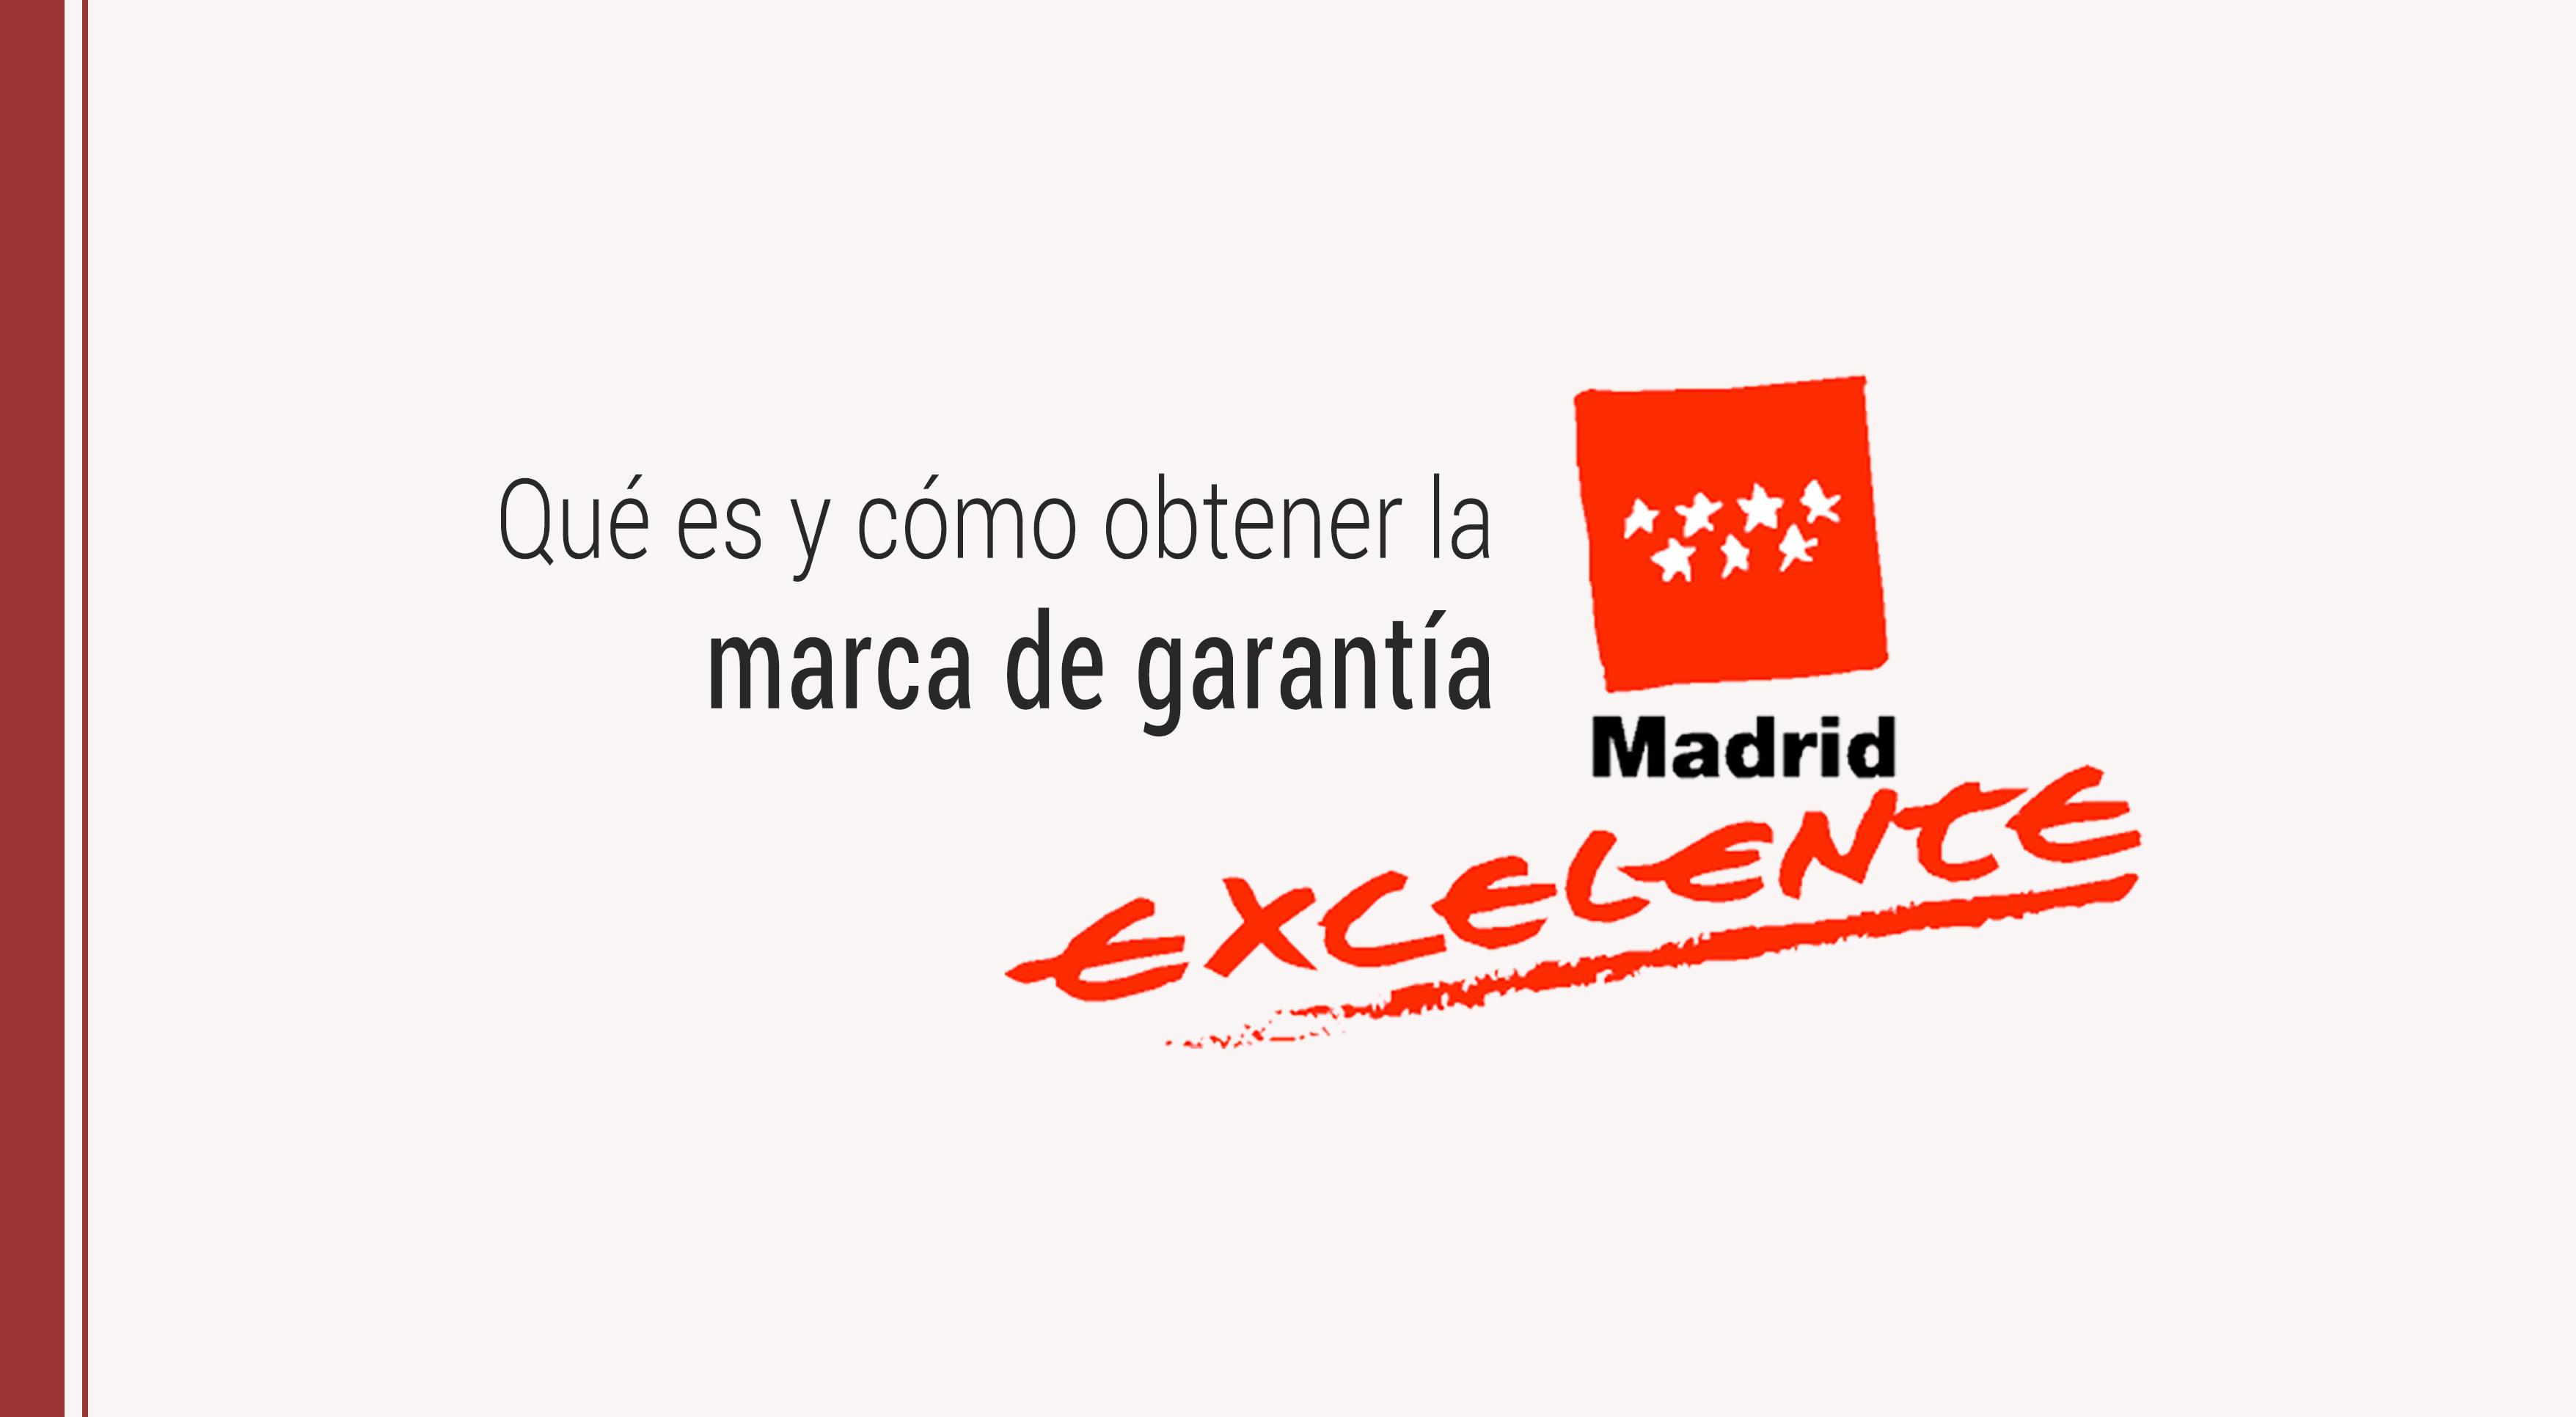 Madrid Excelente: qué es y cómo obtener la marca